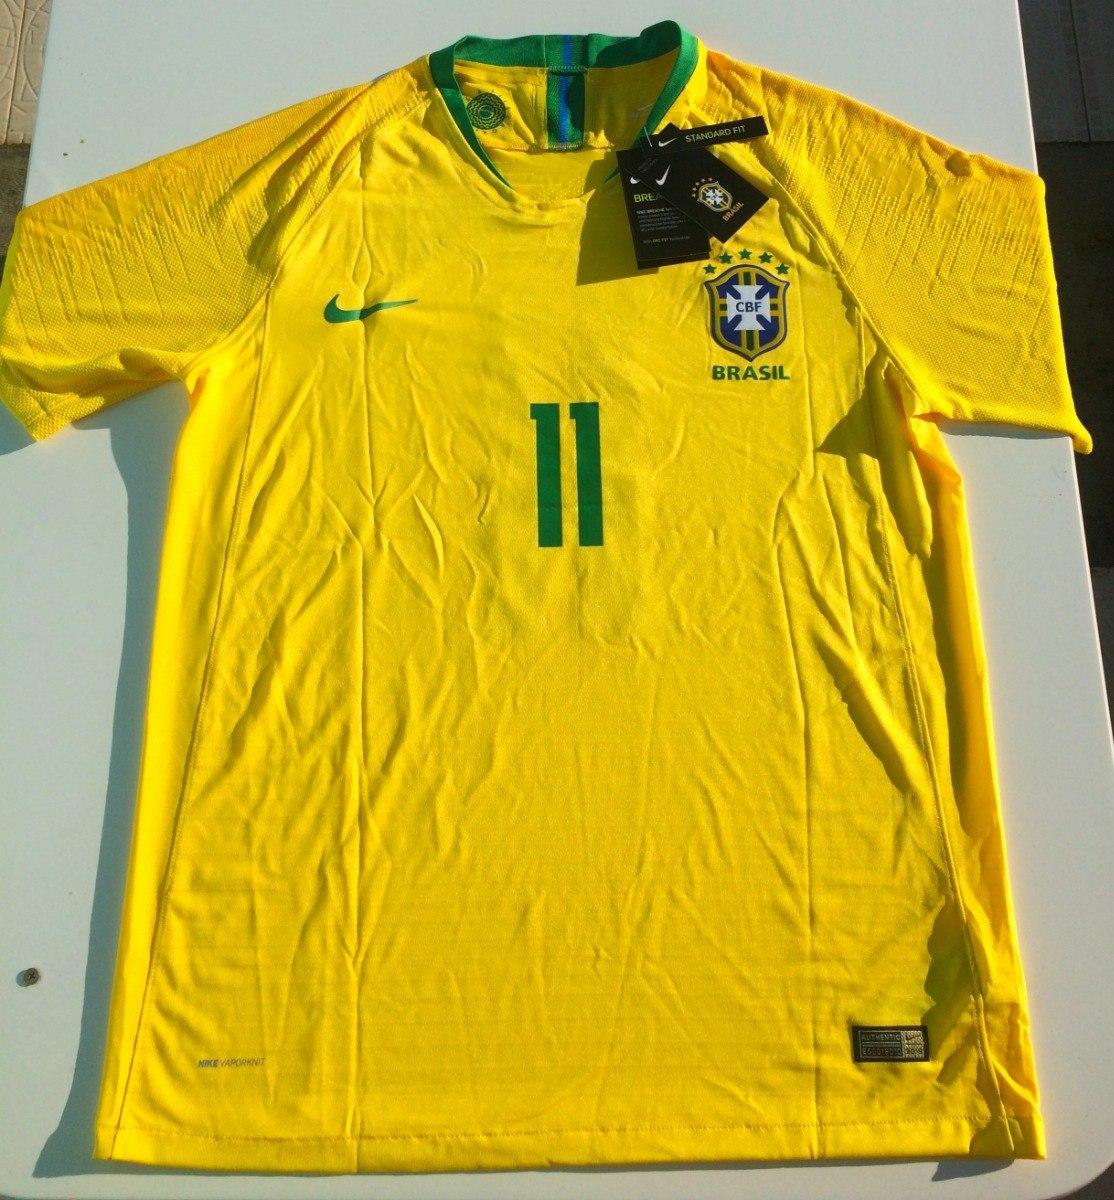 eaef4e18d0 camisa oficial jogador copa seleção brasileira p.coutinho 11. Carregando  zoom.